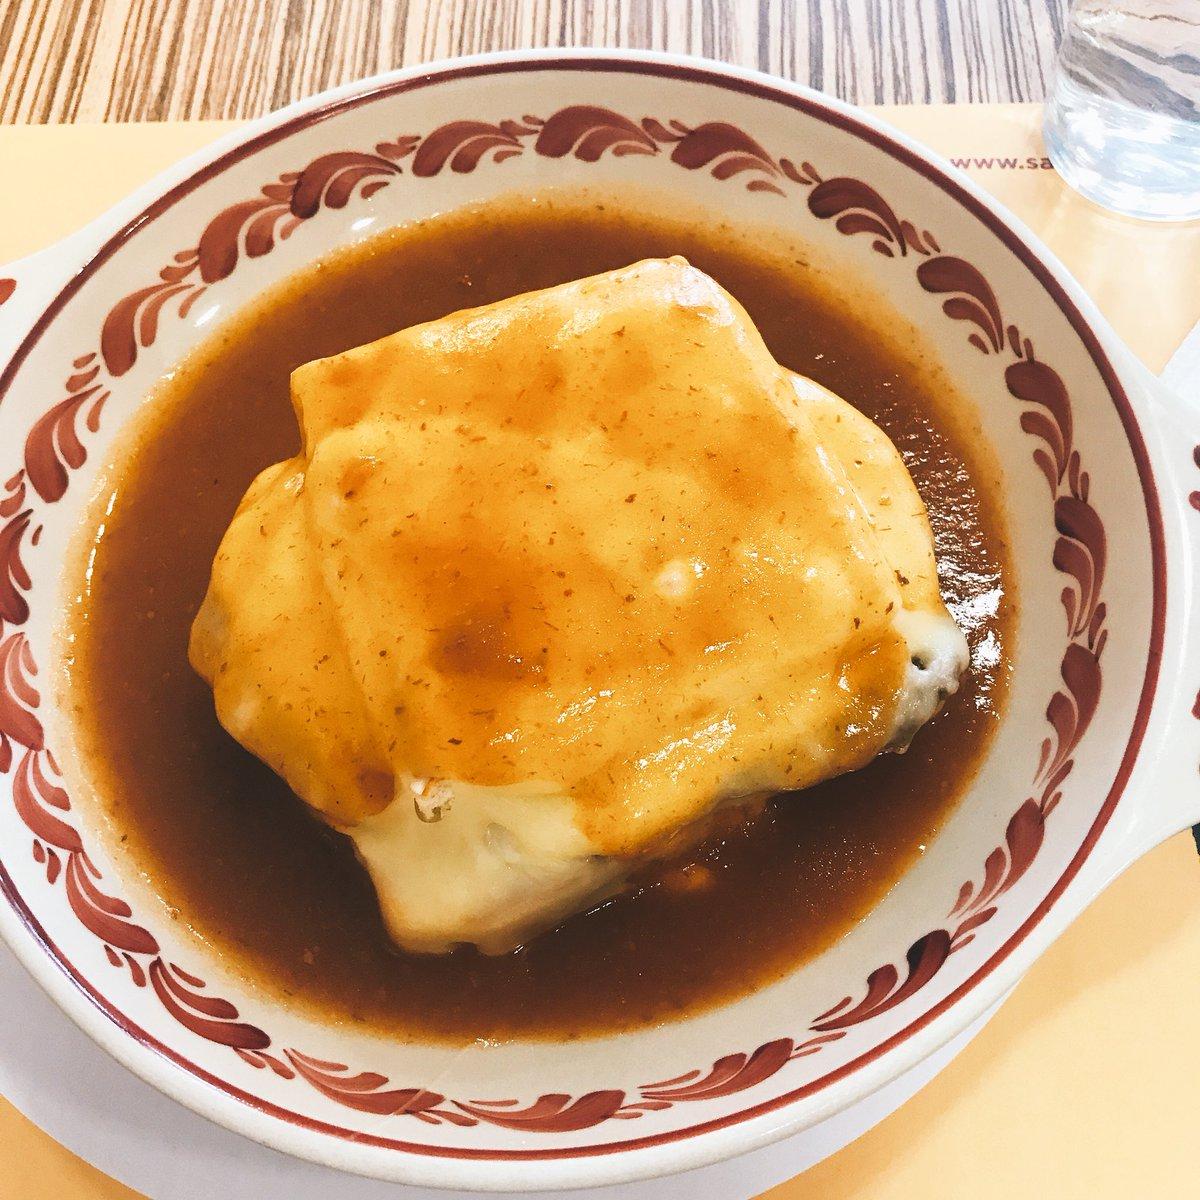 ポルト2日目に食べたもの。お昼はフランセジーニャ、パンに牛肉、ベーコンはさんで上からチーズとろーりのハイカロリー魔人。夜はお腹いっぱいやったから行きたかったCafe Progressoでお茶した、若い人いっぱいで人気のお店でした◎